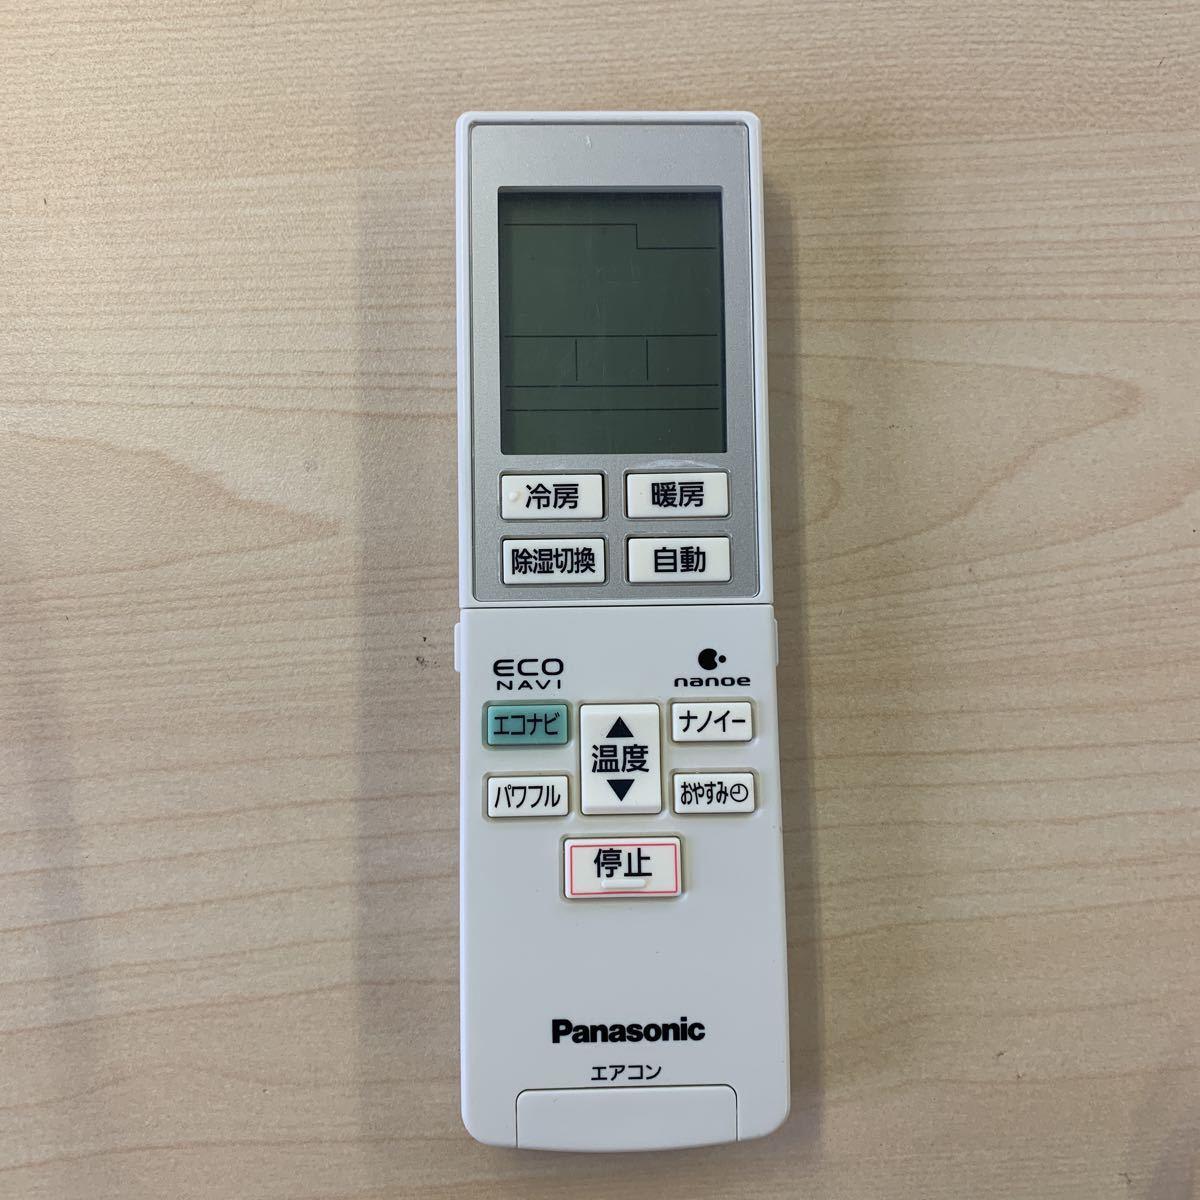 【中古品】Panasonic エアコン用リモコン A75C3953 エコナビ パナソニック エアコンリモコン_画像1